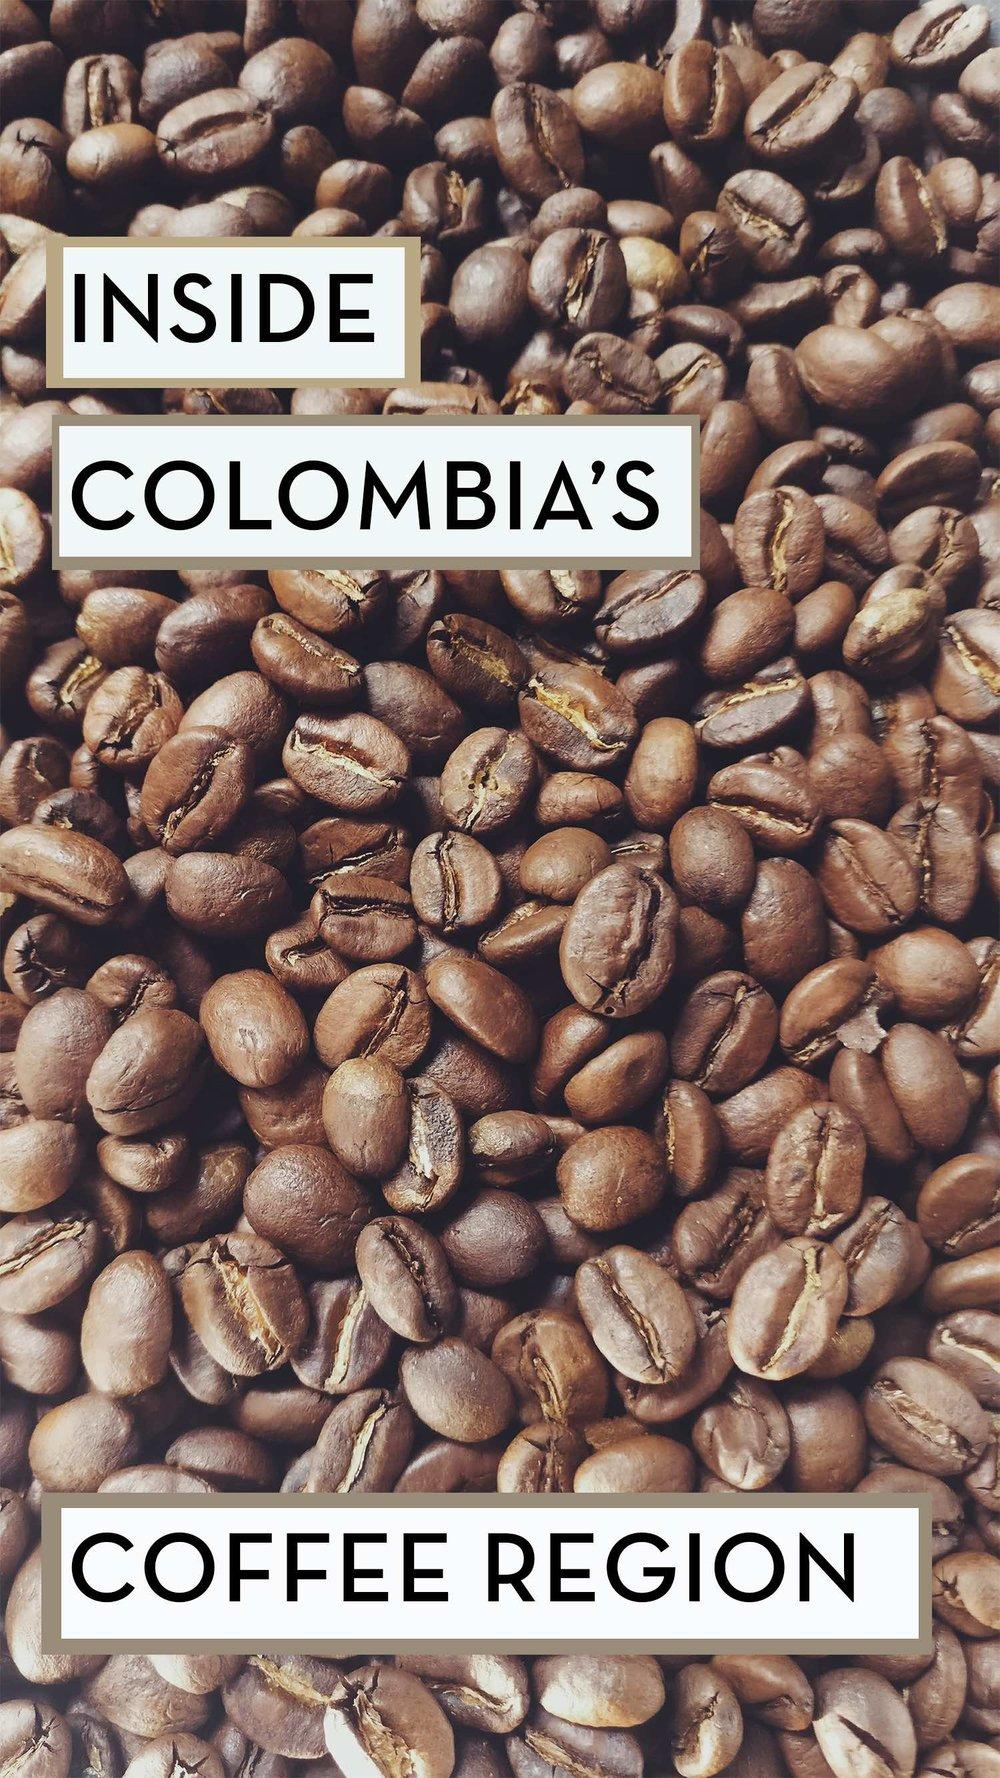 A Taste of Colombia's Rich Coffee Region